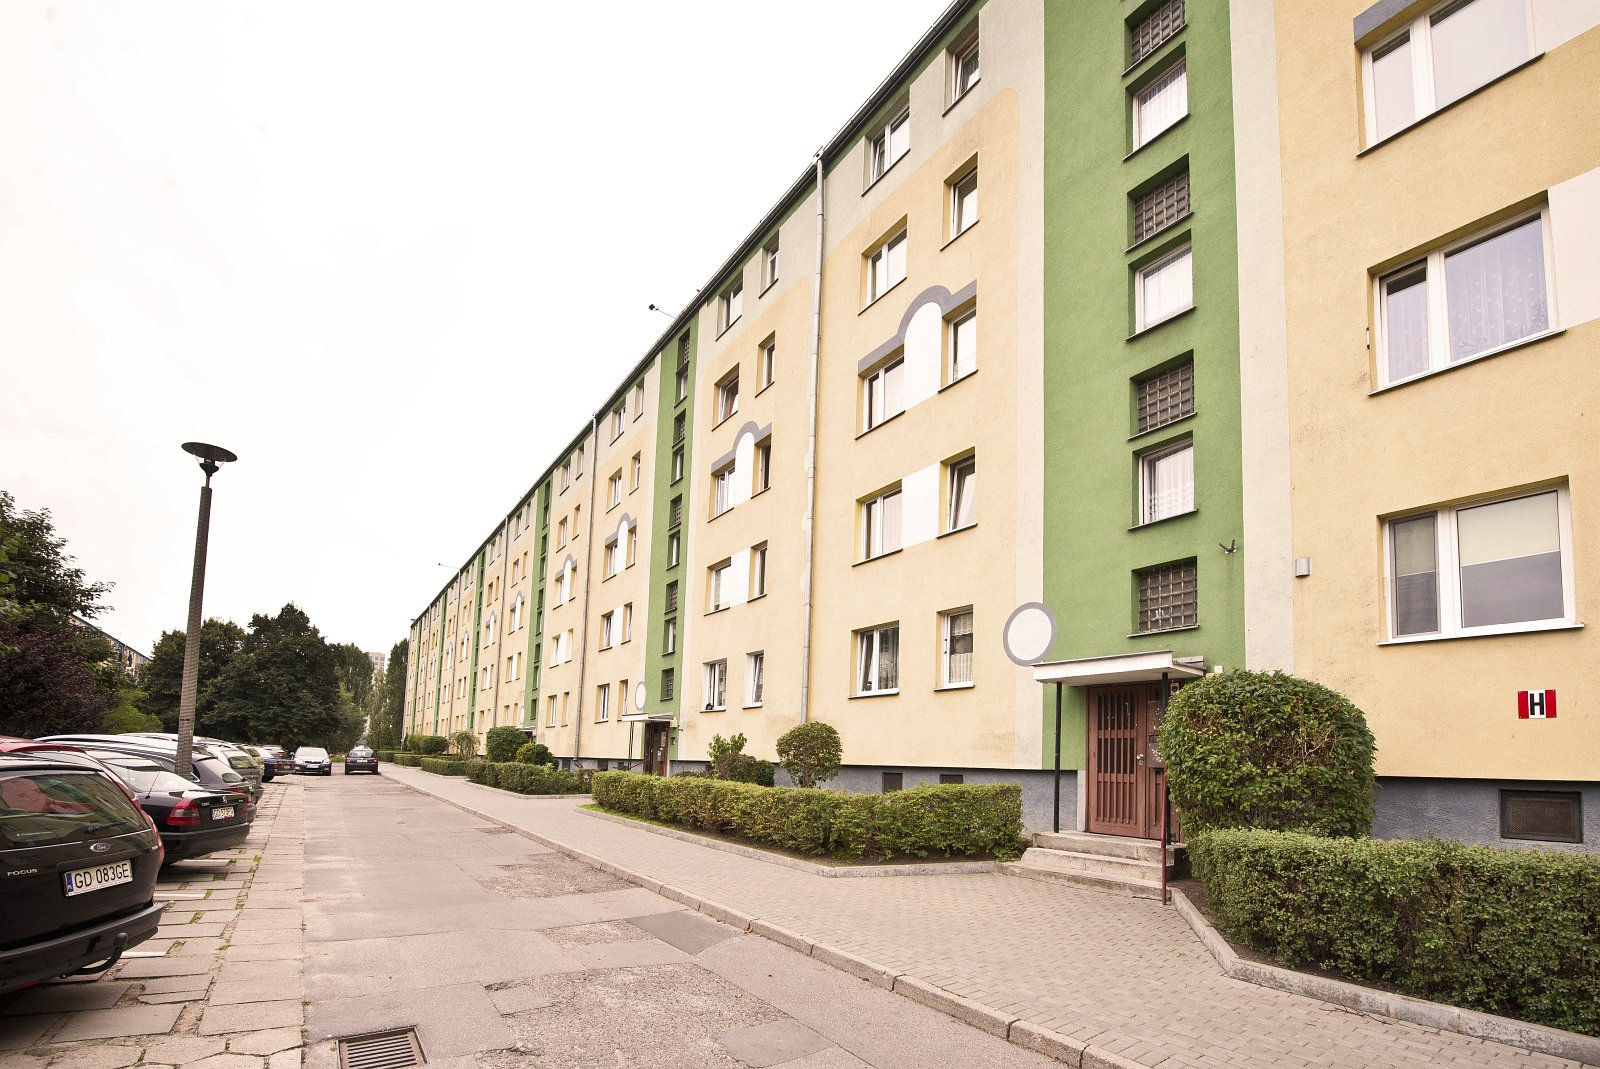 mieszkanie-wynajem-gdansk-ch-05-01aweb